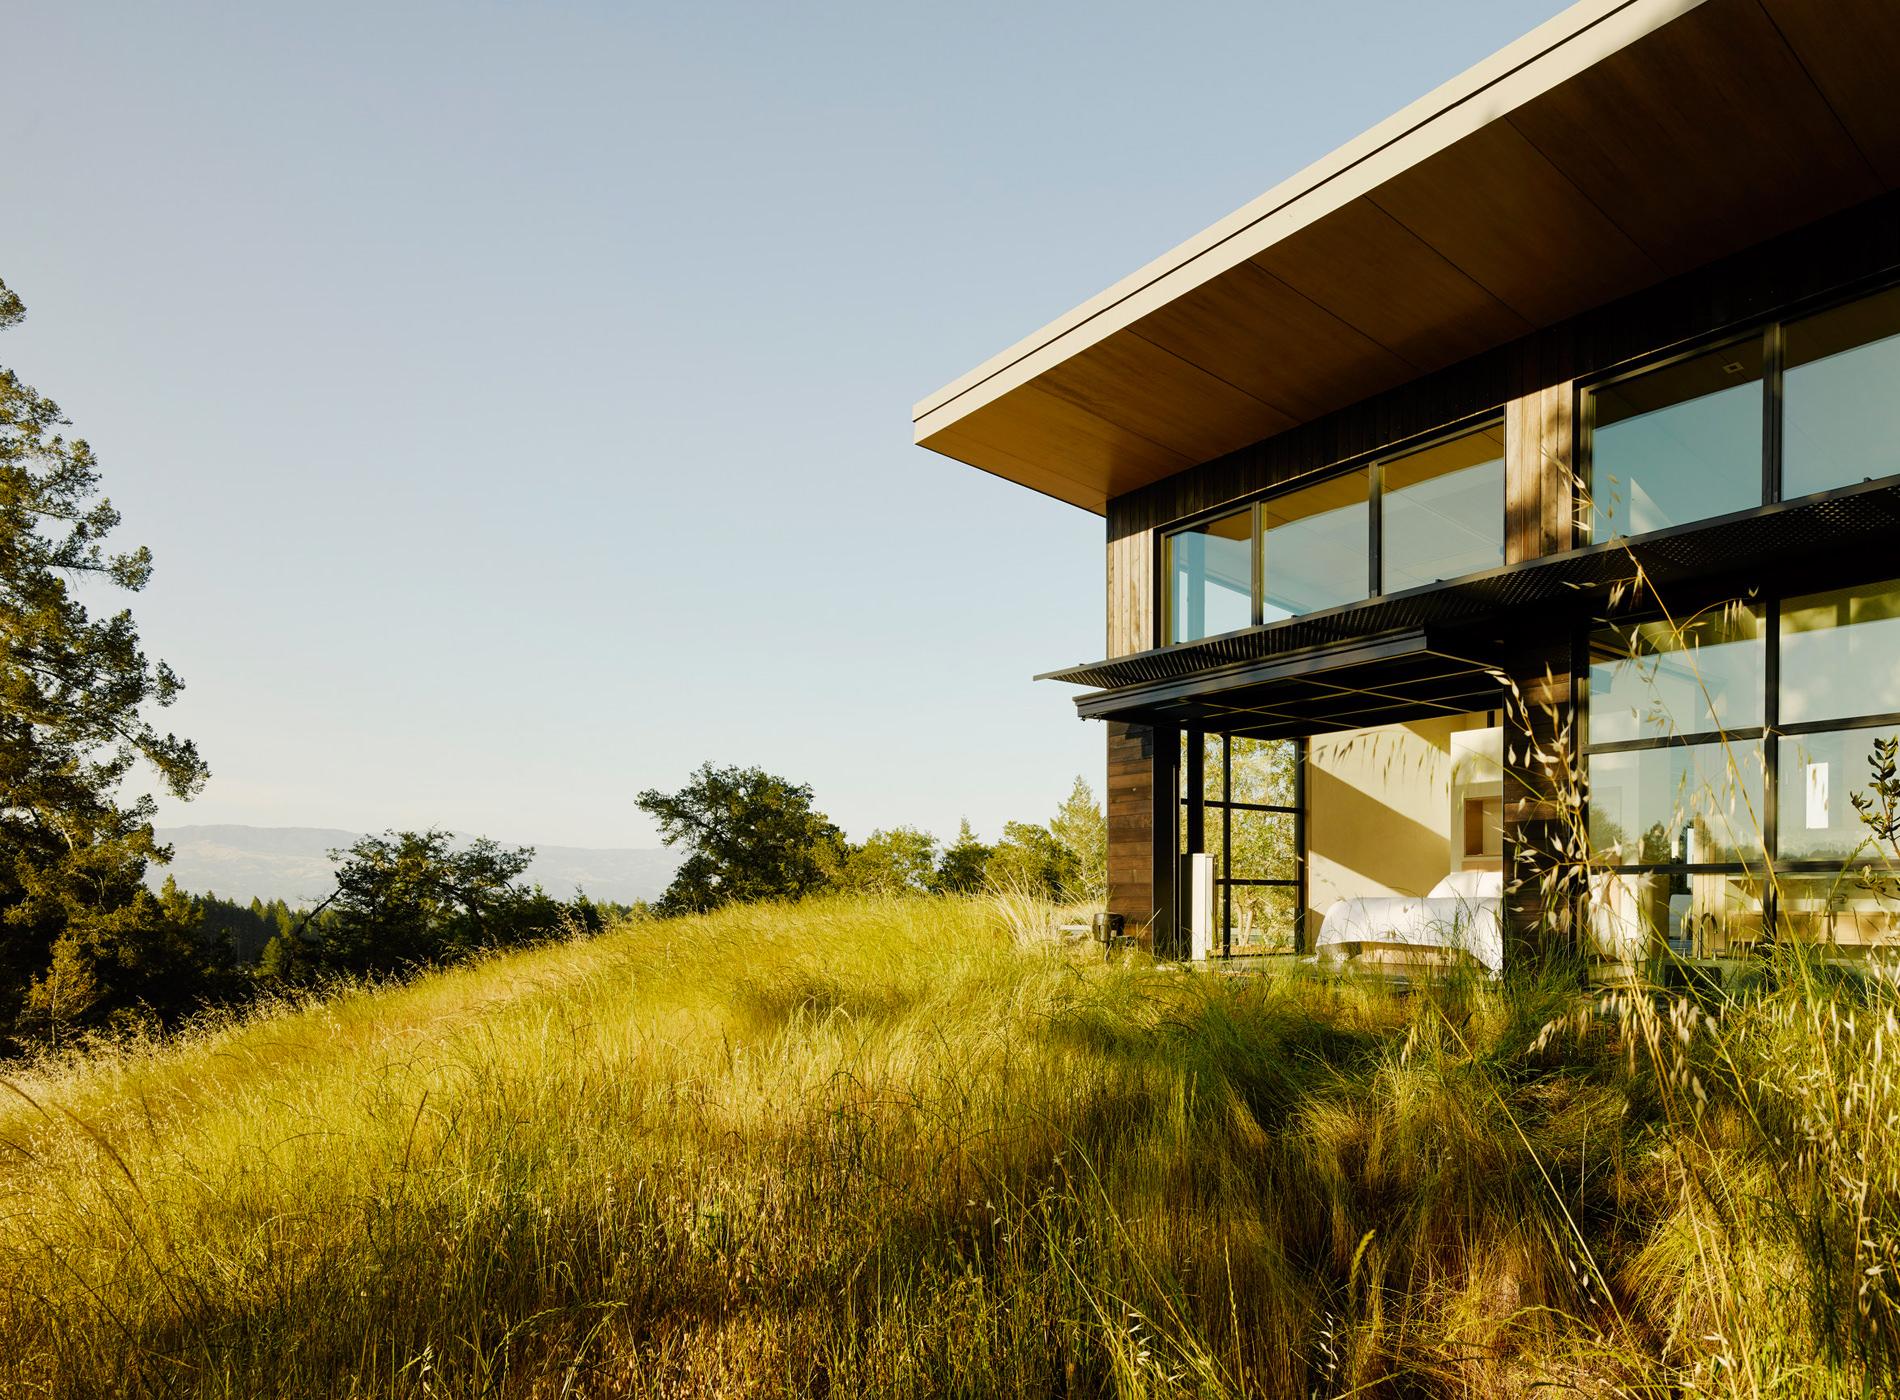 Healdsburg House Sonoma Californie Architecture Détails Paysages